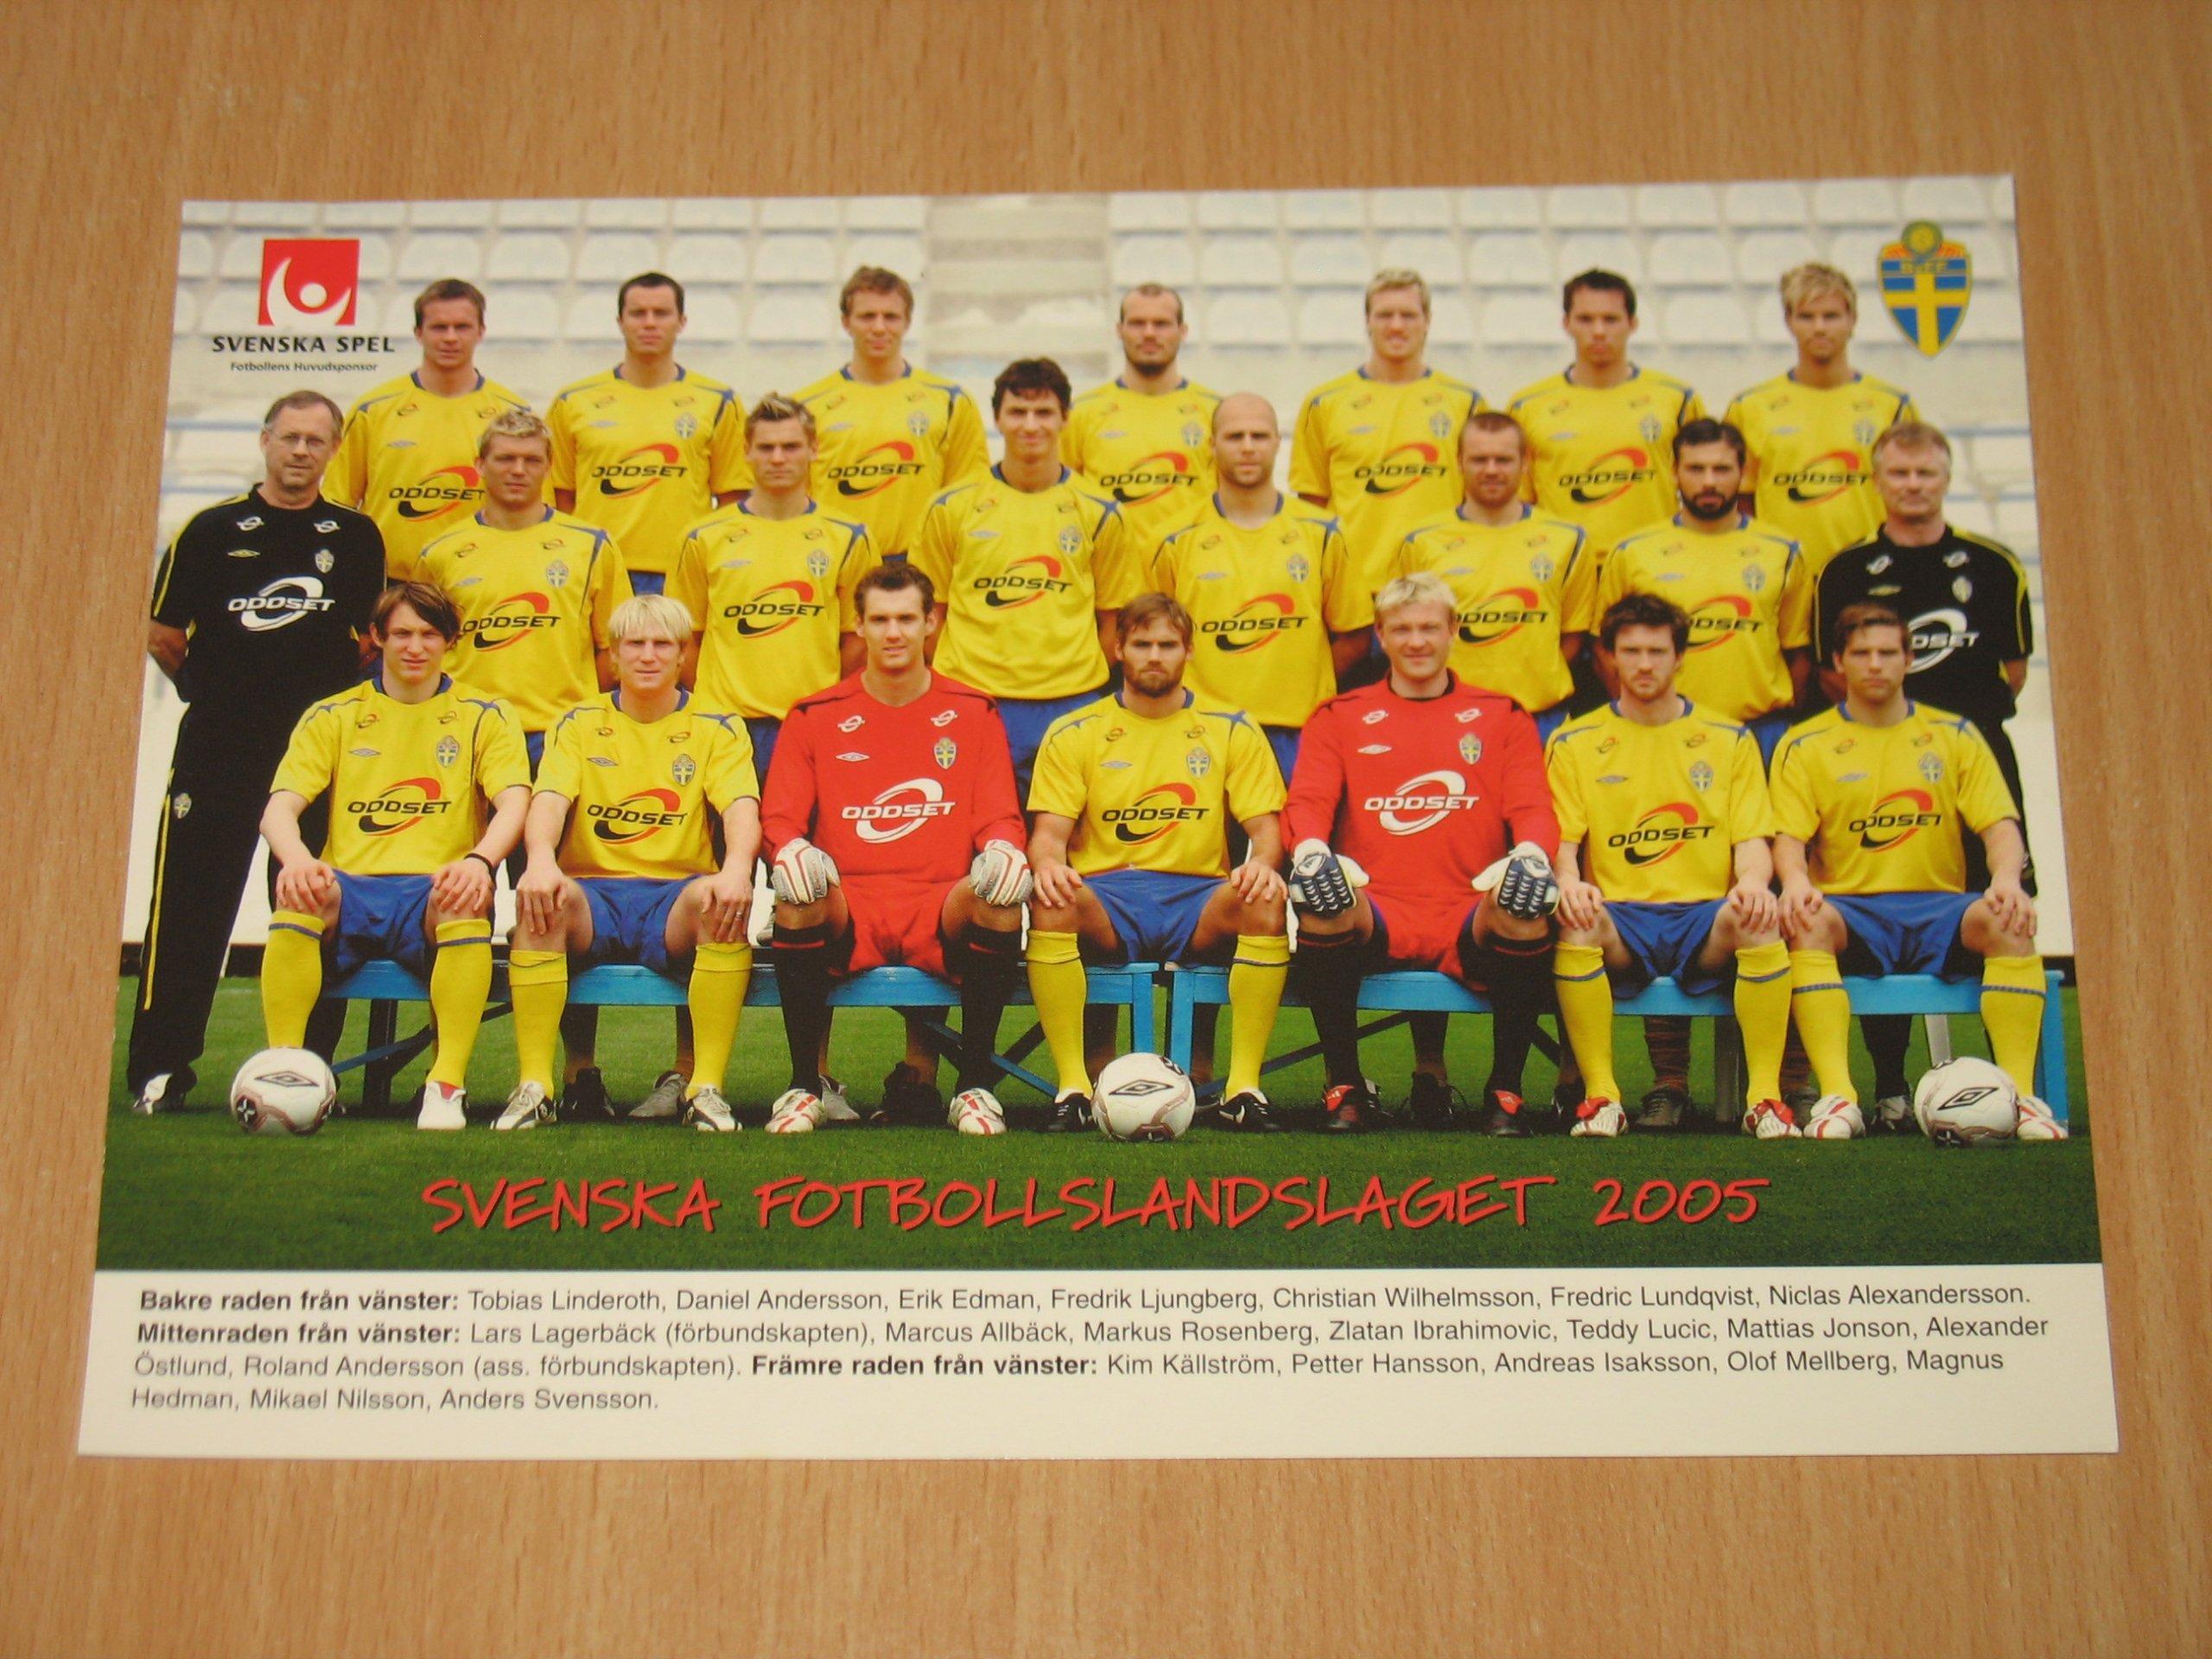 Piłka nożna - fotos zespołu Szwecja